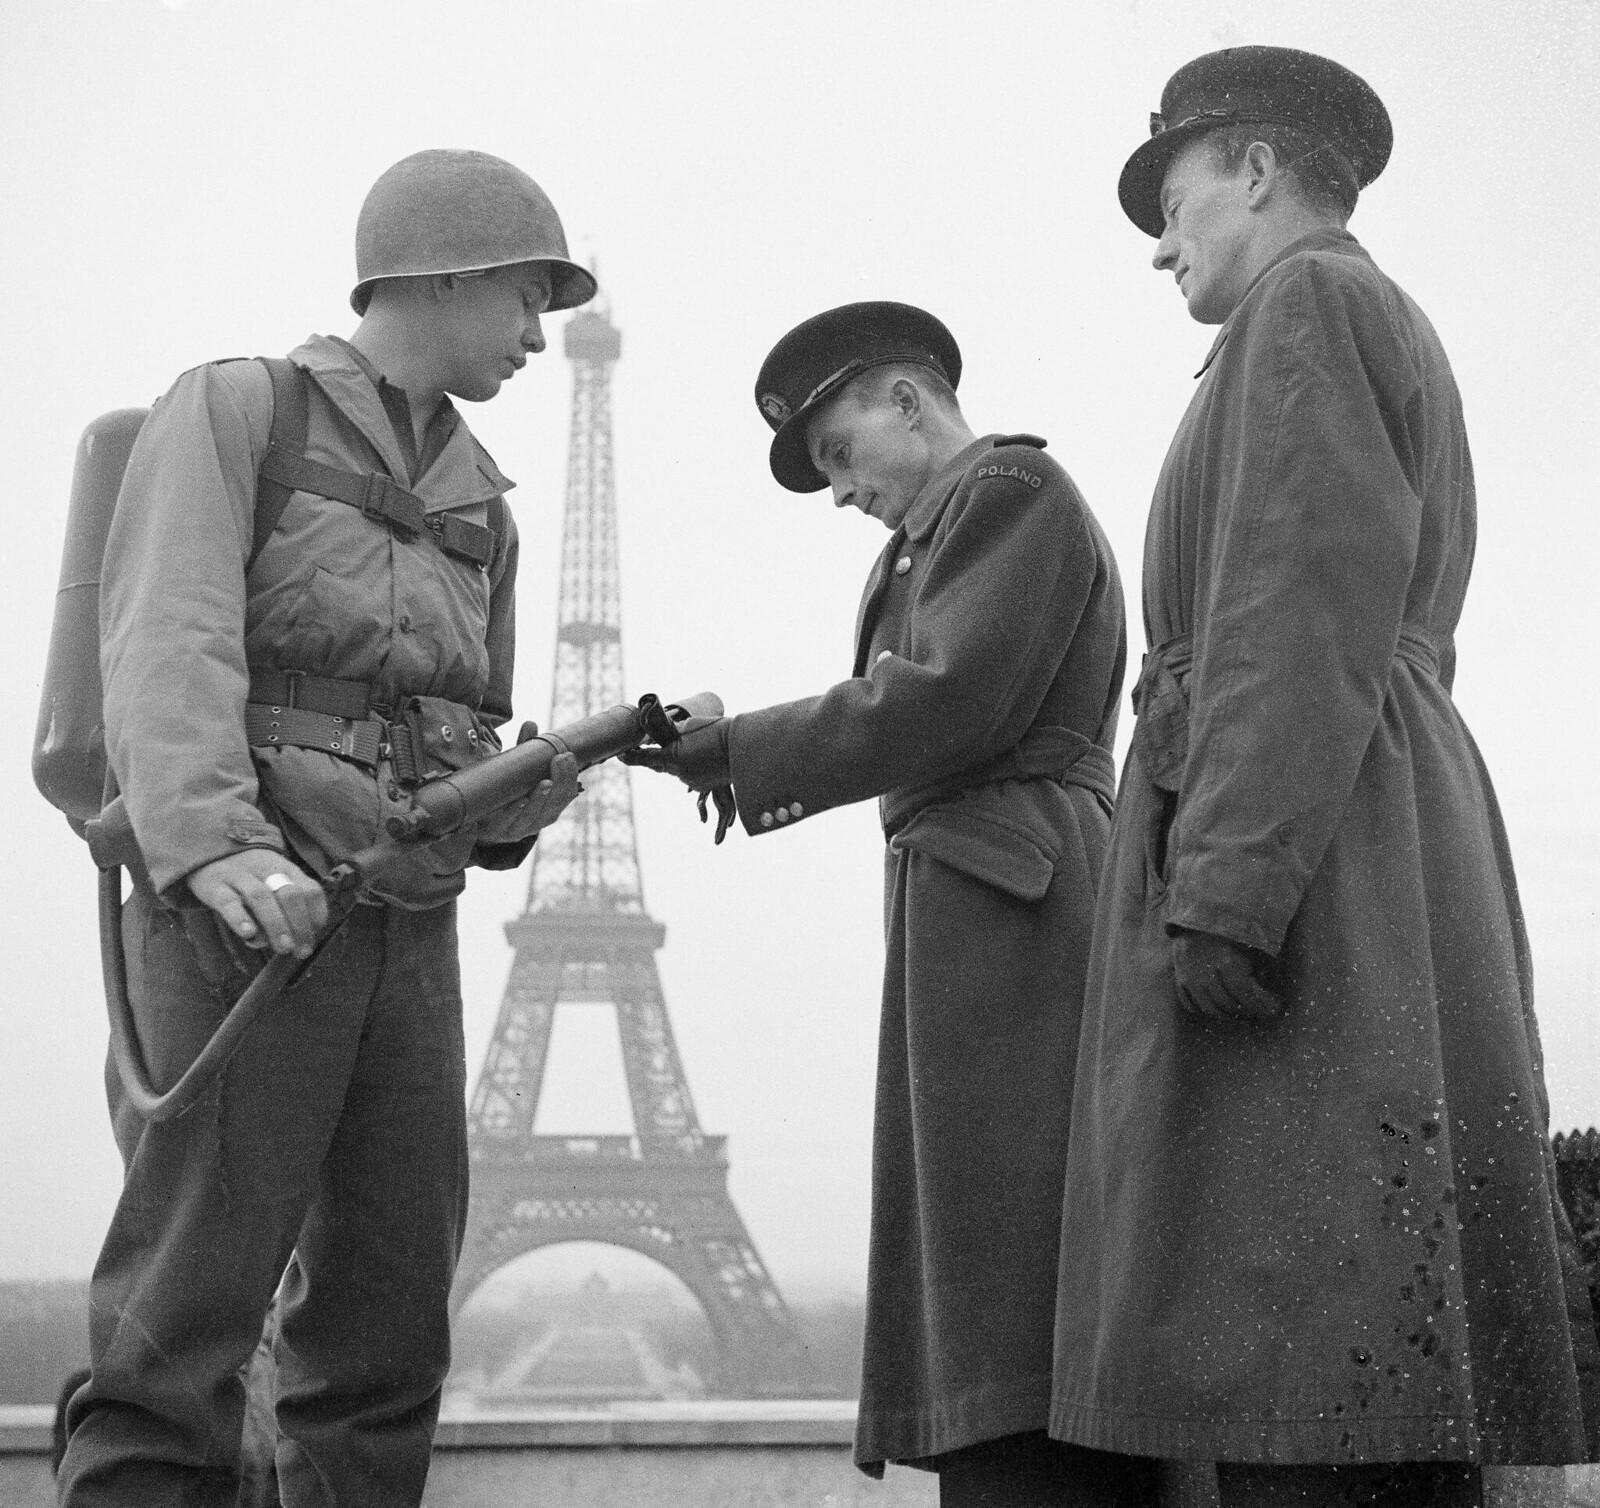 1944. Американский солдат показывает двум офицерам польской армии свой огнемет, когда они отдыхают возле Эйфелевой башни